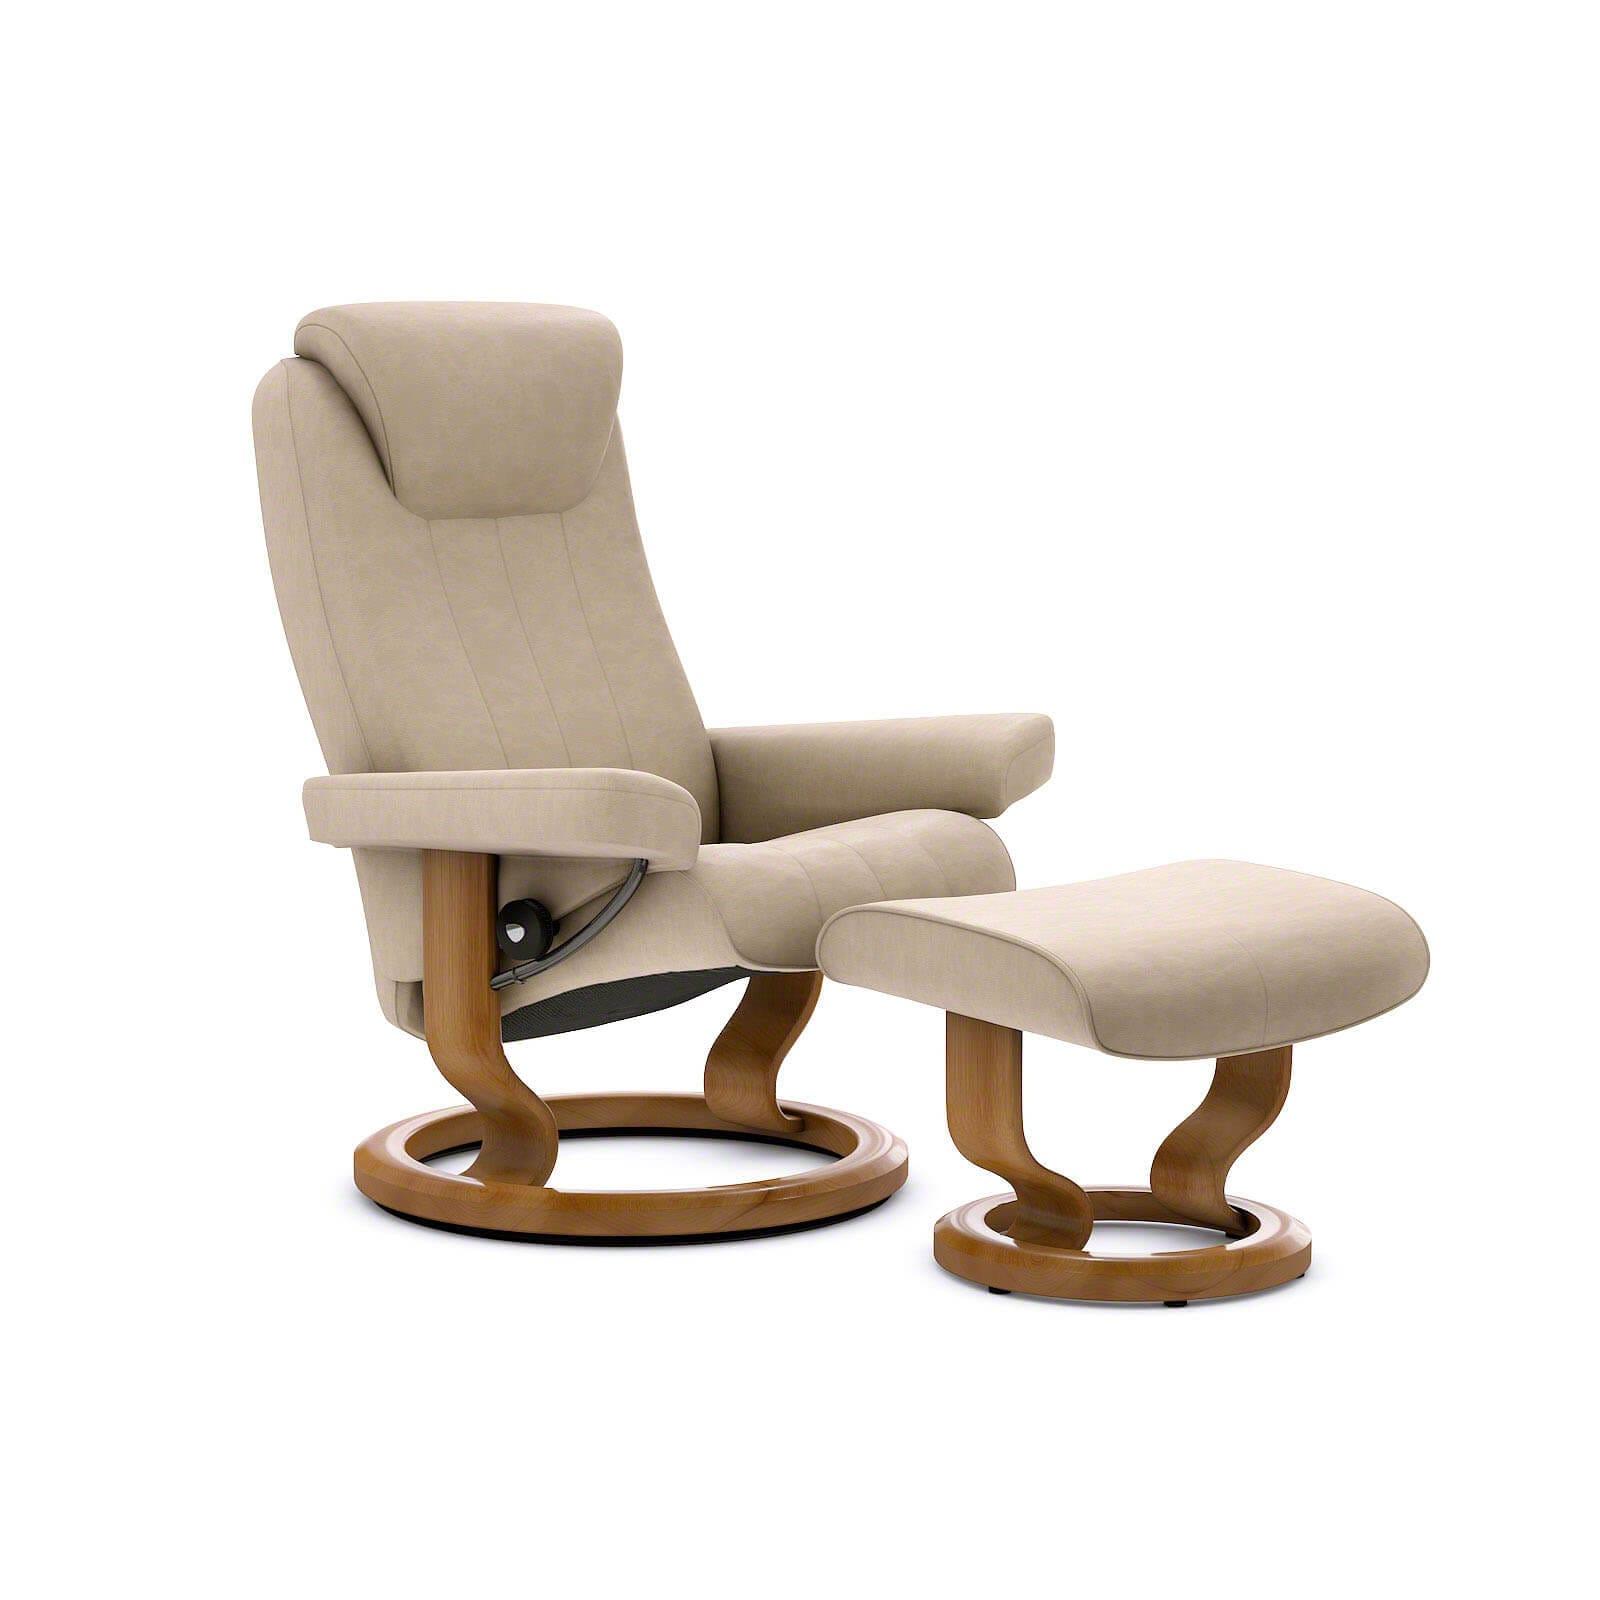 stressless bliss sessel beige stressless m bel online shop. Black Bedroom Furniture Sets. Home Design Ideas